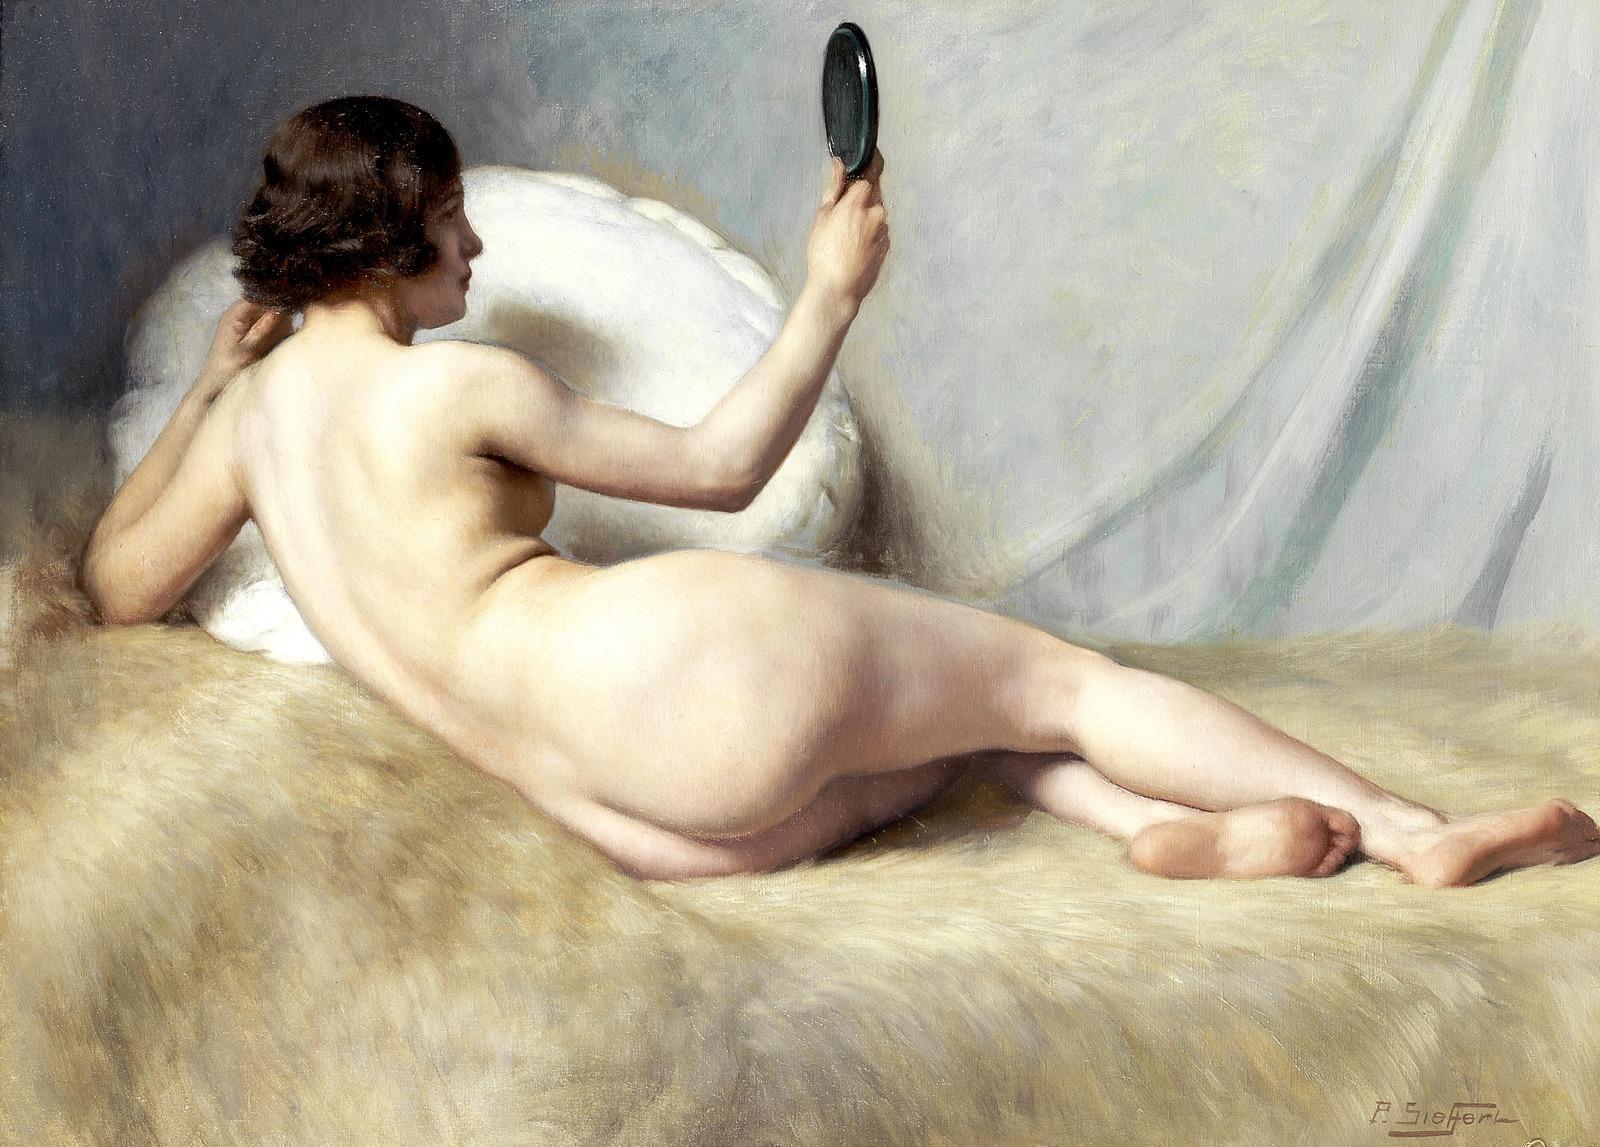 Поль Зиффер. №184. Лежащая обнаженная (Reclining Nude). 60 x 81.5. Холст, масло. Частное собрание.